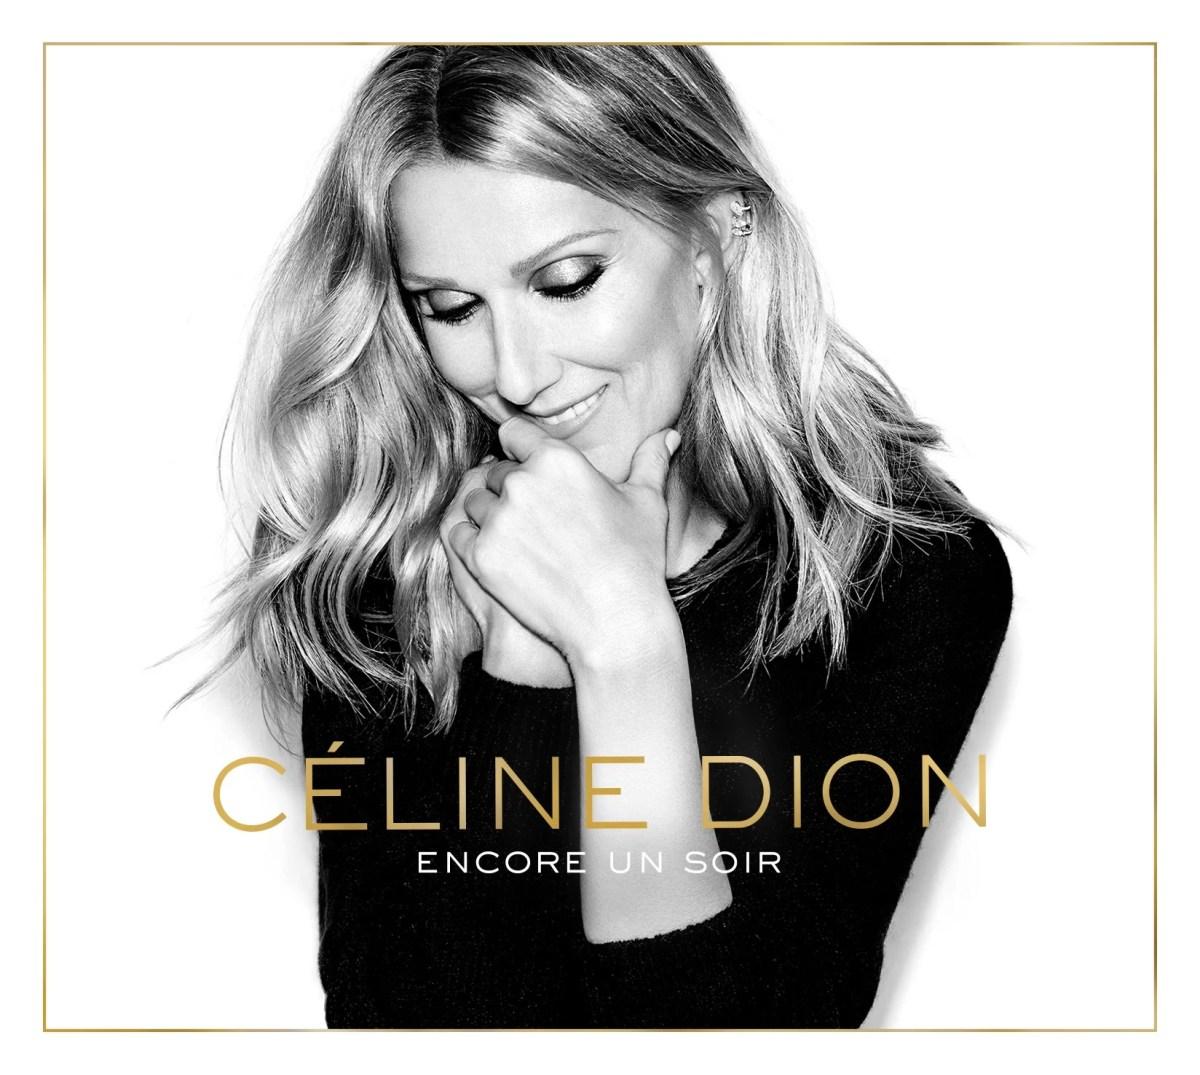 """""""Encore un soir"""" : le nouveau single de Céline Dion composé par Jean-Jacques Goldman"""